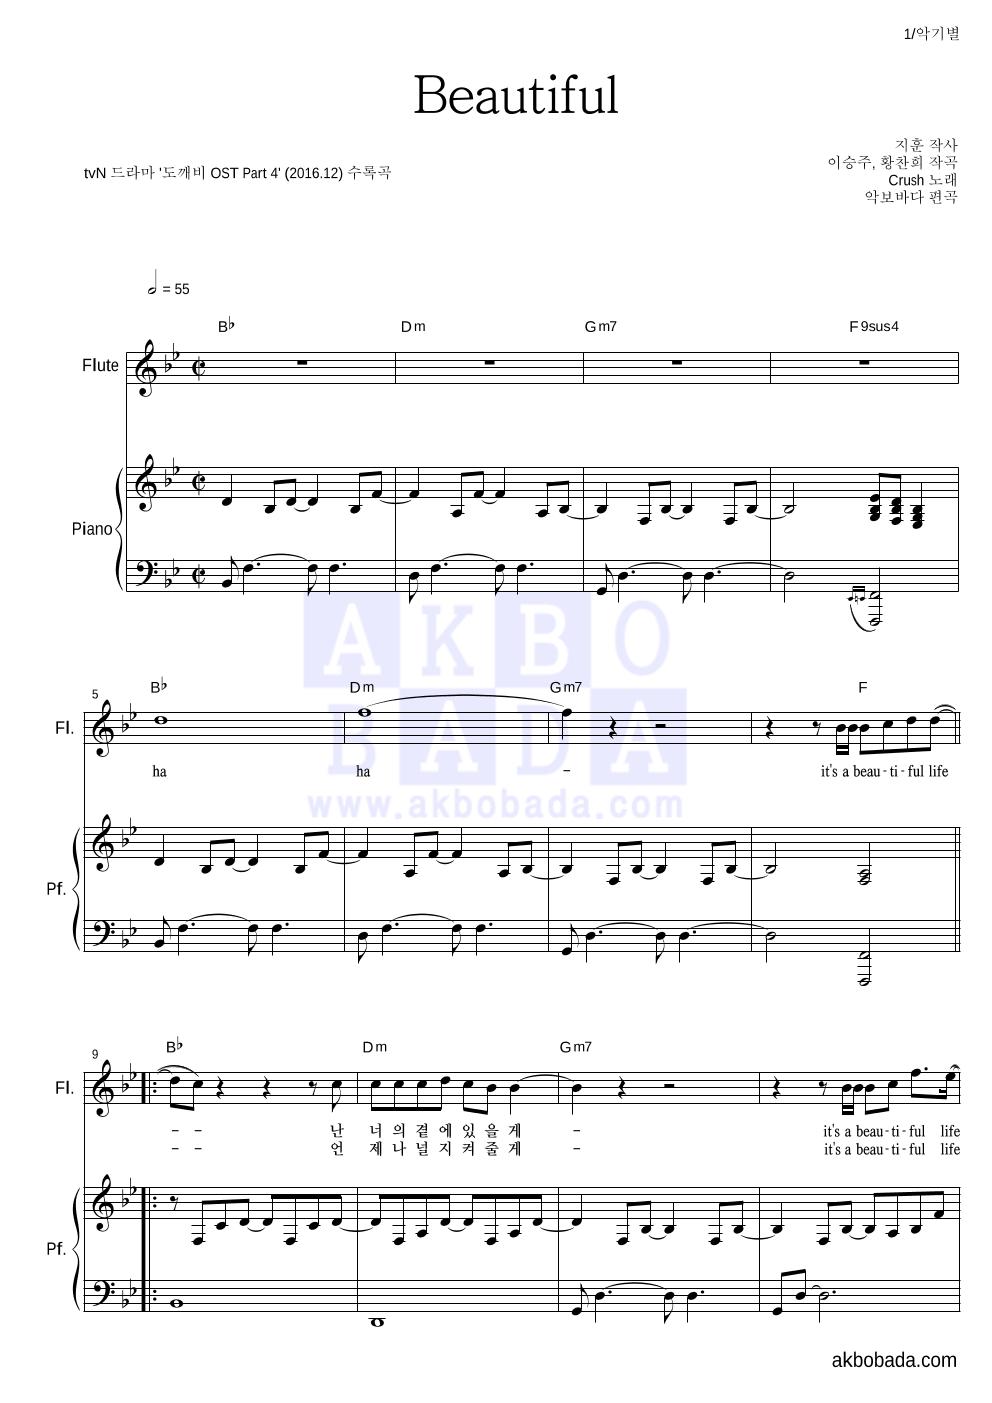 크러쉬 - Beautiful 플룻&피아노 악보